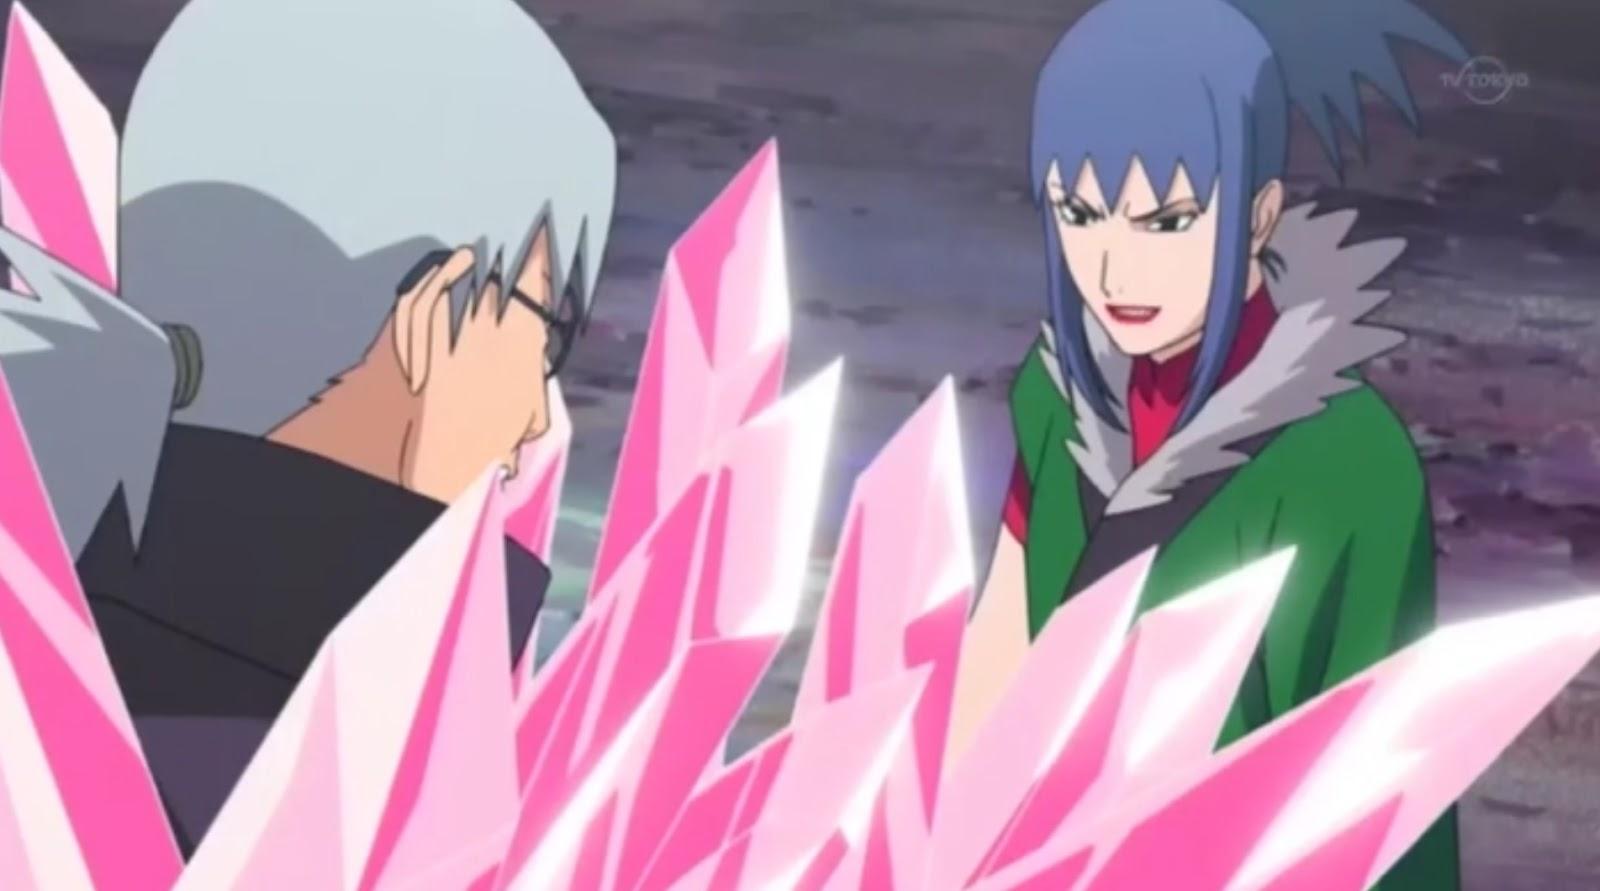 Naruto Shippuden Episódio 94, Assistir Naruto Shippuden Episódio 94, Assistir Naruto Shippuden Todos os Episódios Legendado, Naruto Shippuden episódio 94,HD